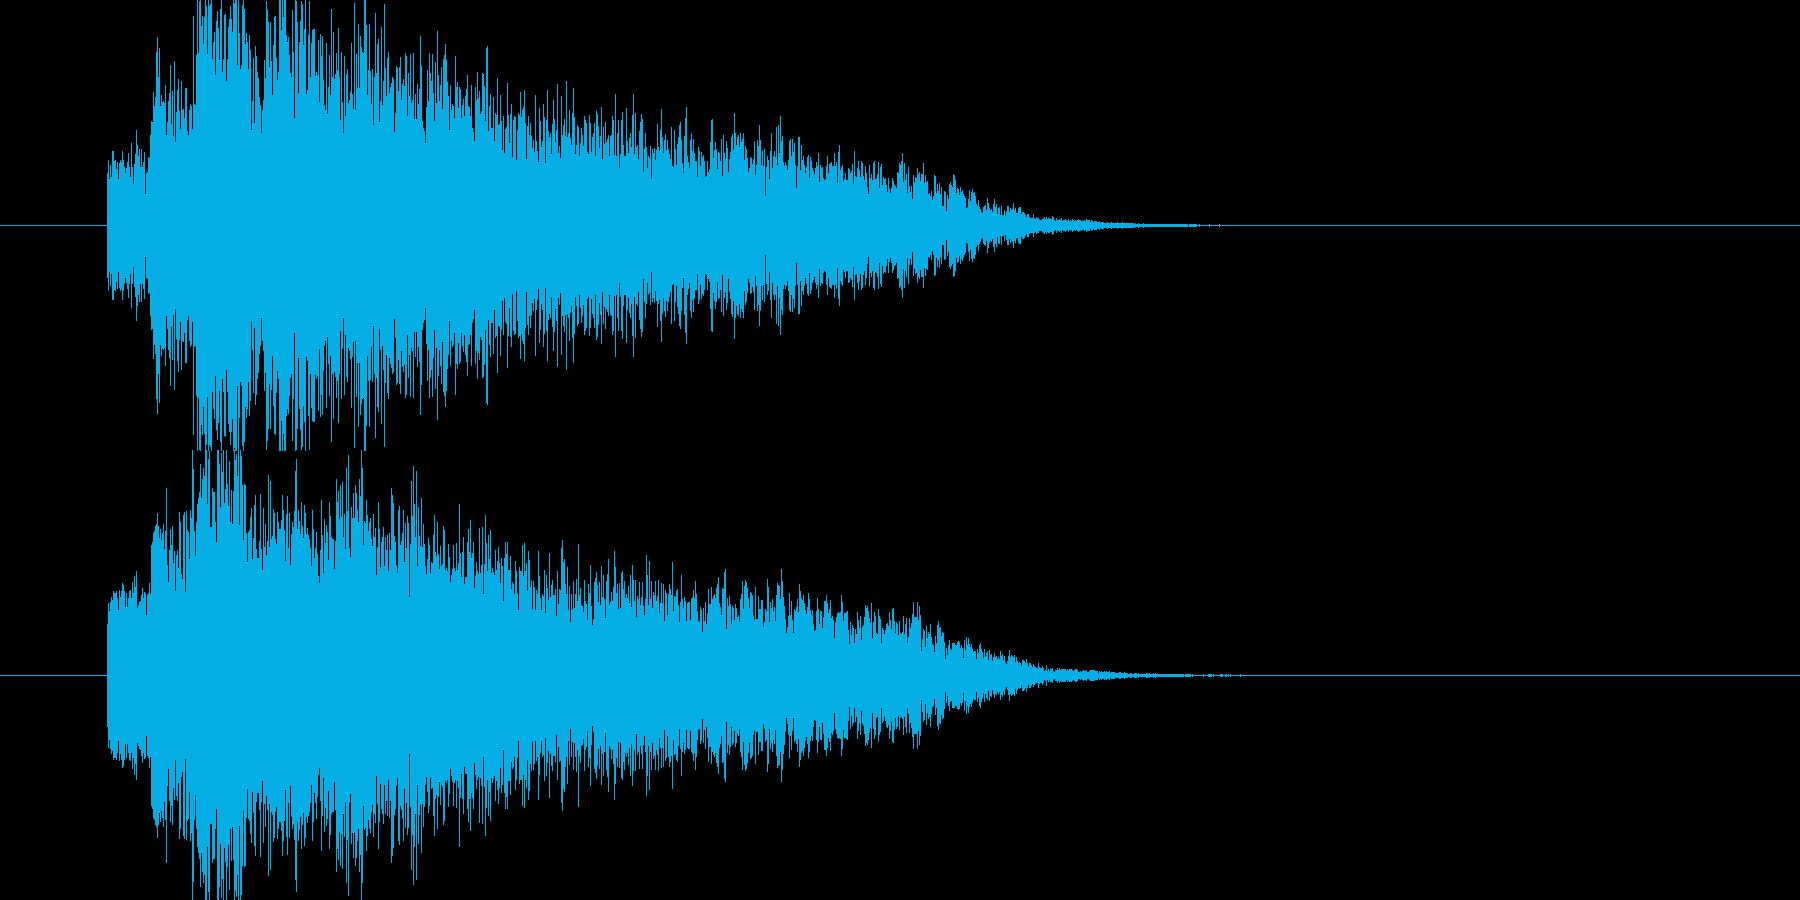 【シャラン】ゲット アイテム【シャキン】の再生済みの波形